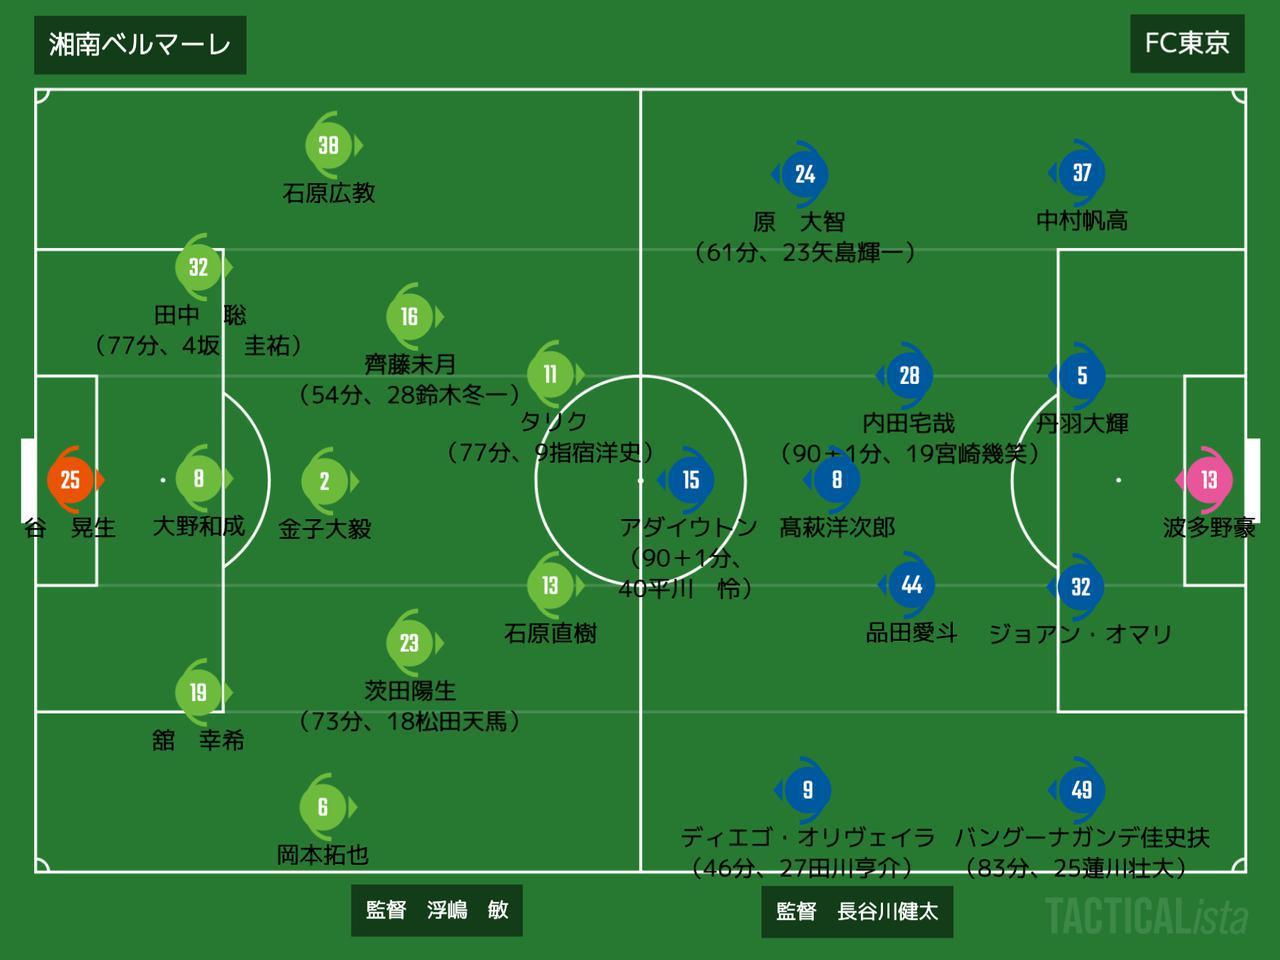 画像: ■2020年10月4日 J1リーグ第20節(@BMWス:観衆4,691人) 湘南 0-1 FC東京 得点:(東)アダイウトン